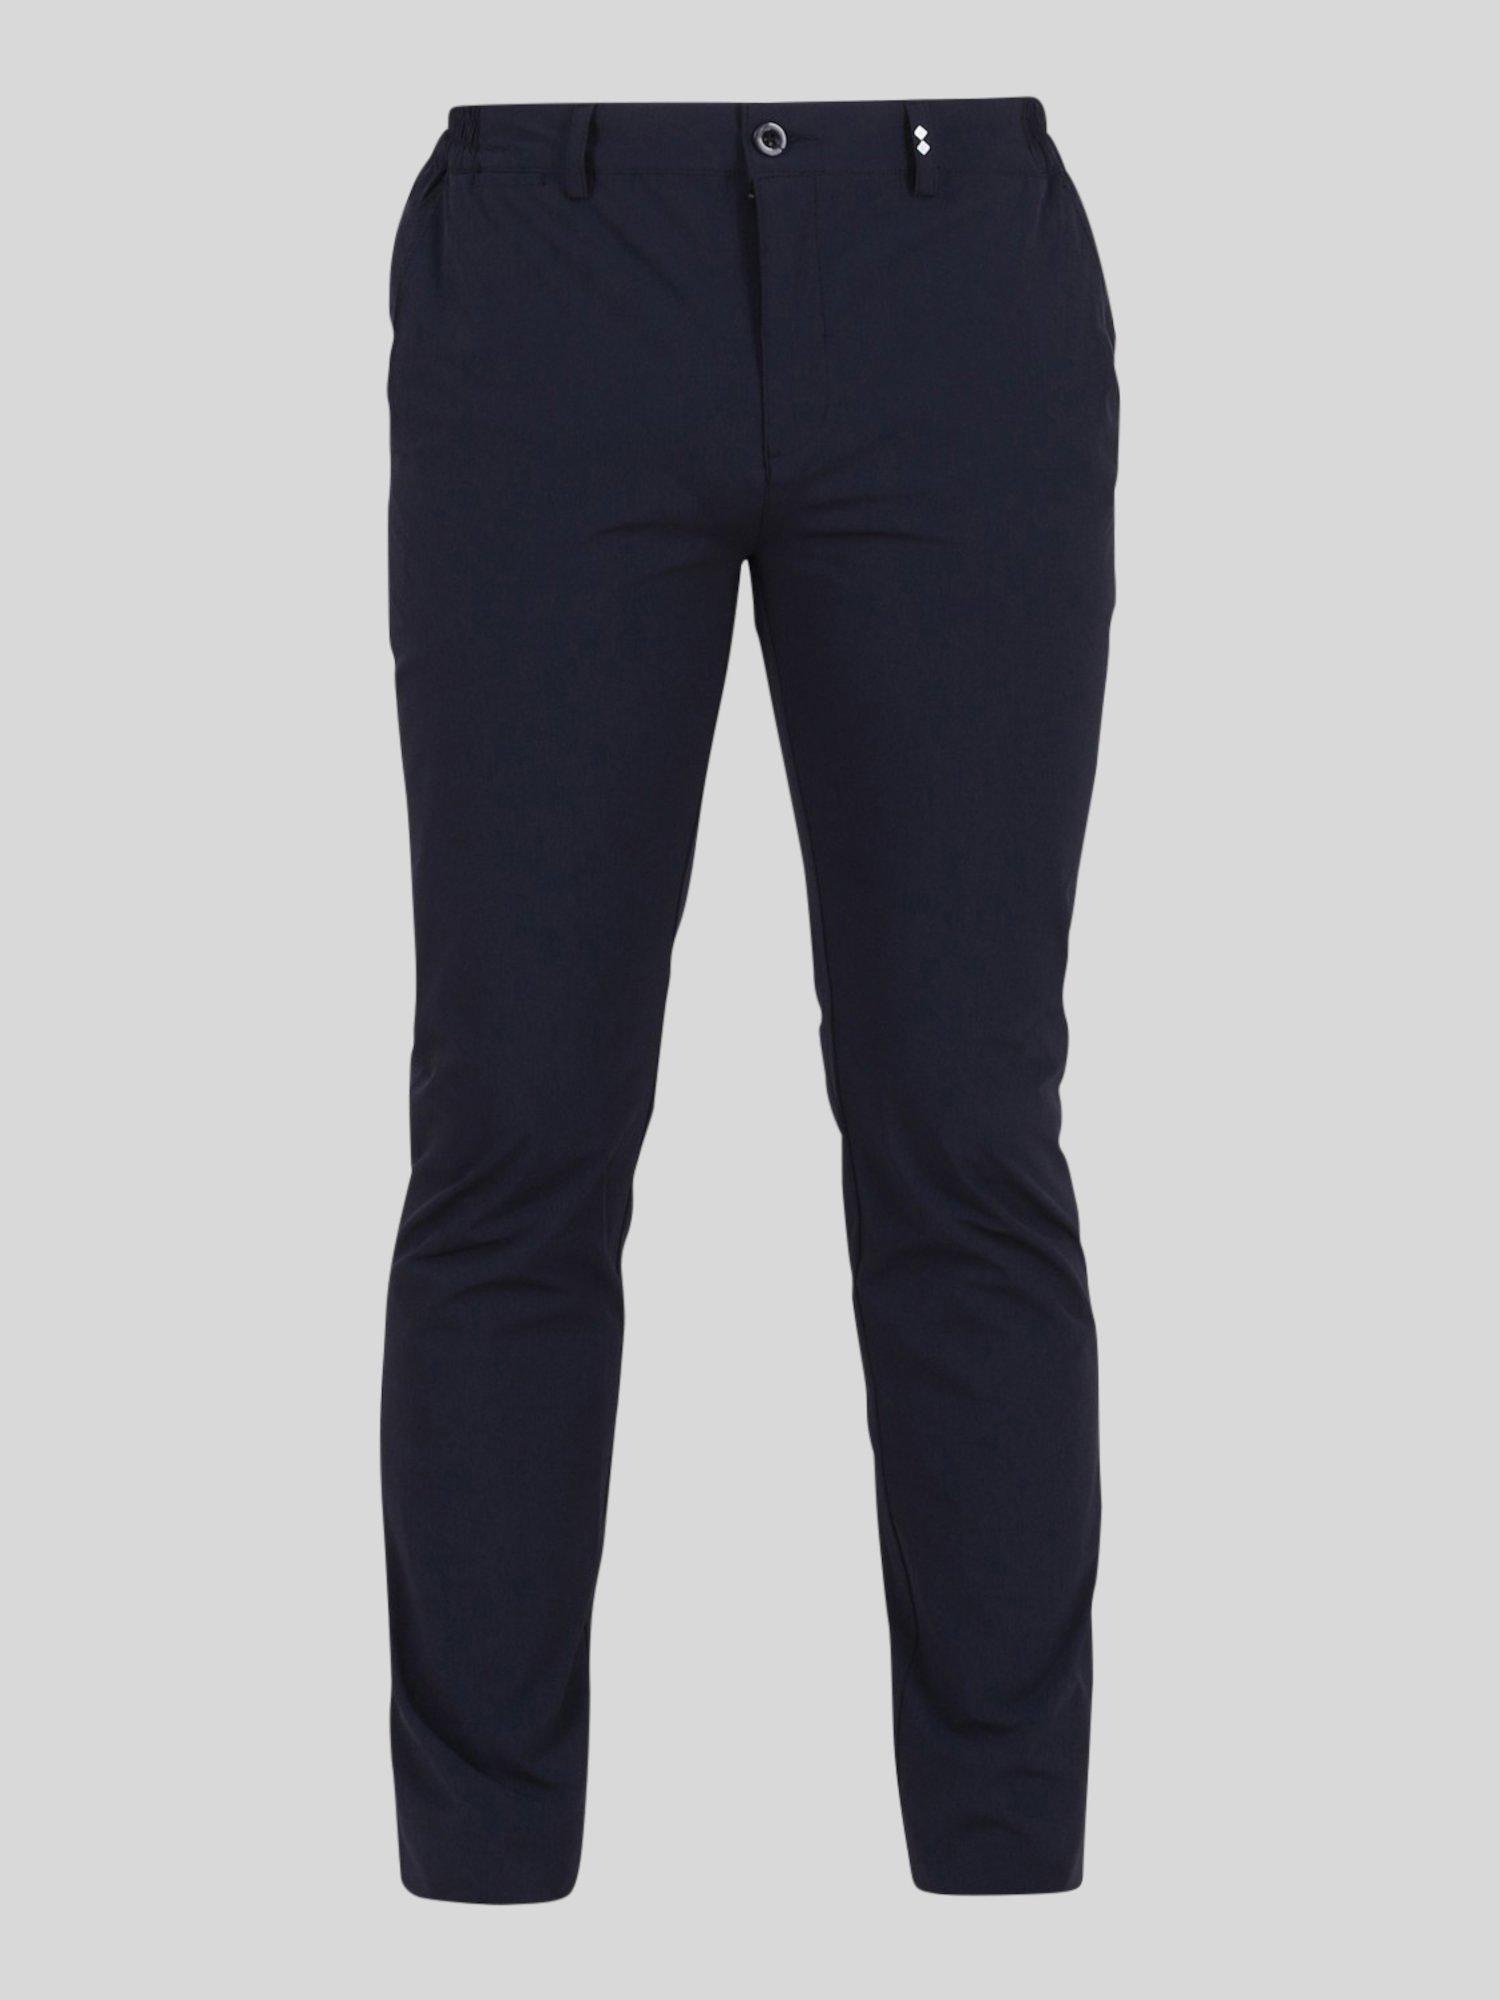 Trousers Reef - Ocean Blue